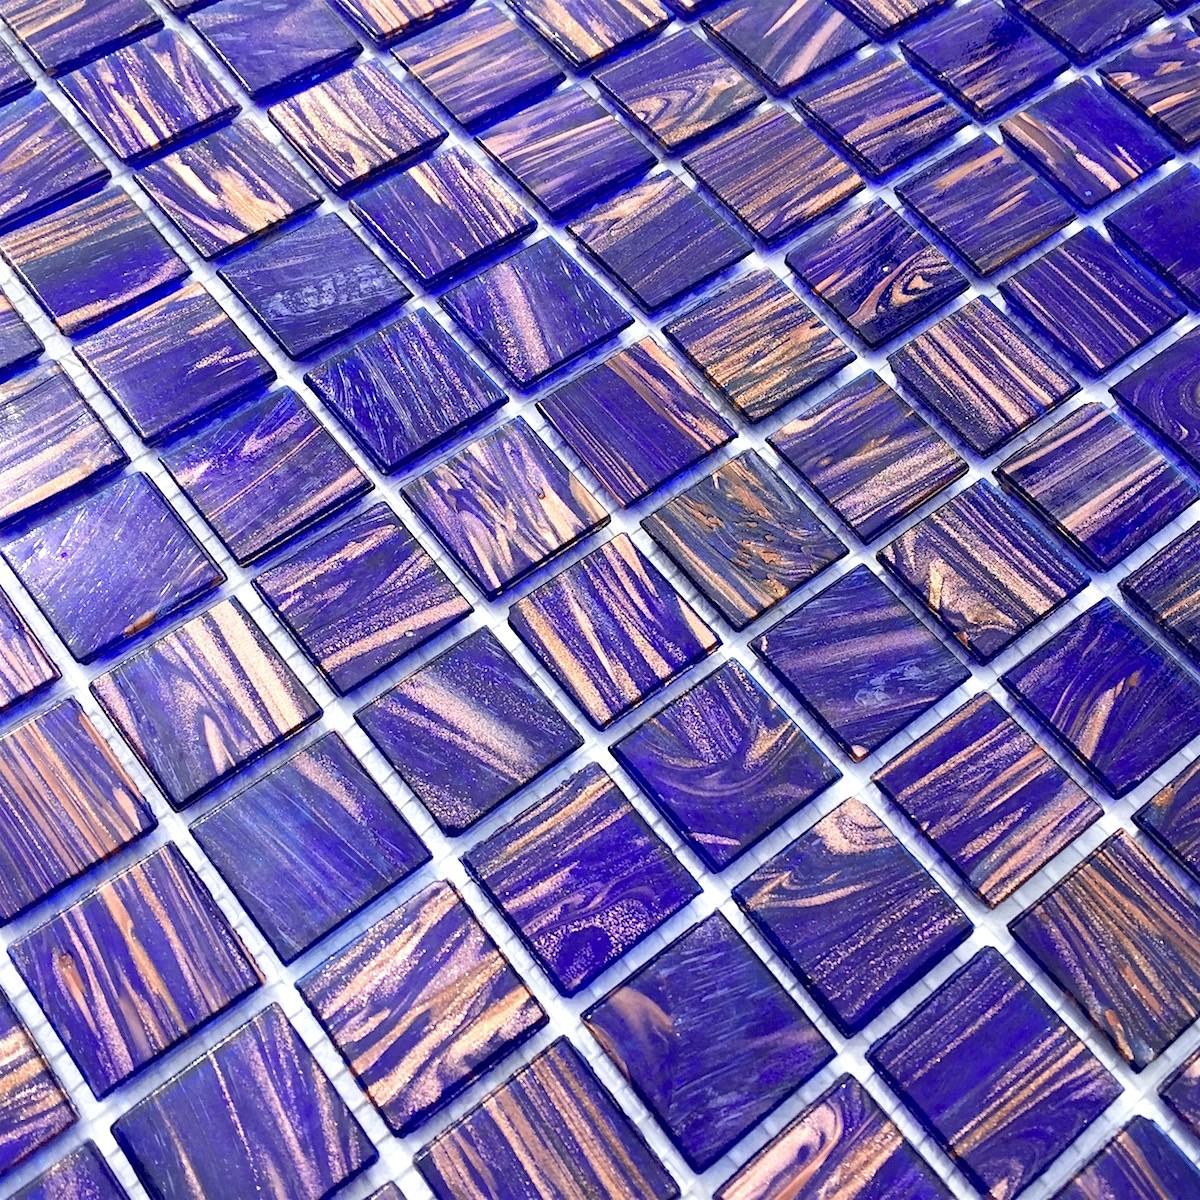 mosaique pate de verre pas cher 1m-vitroviolet - carrelage-mosaique